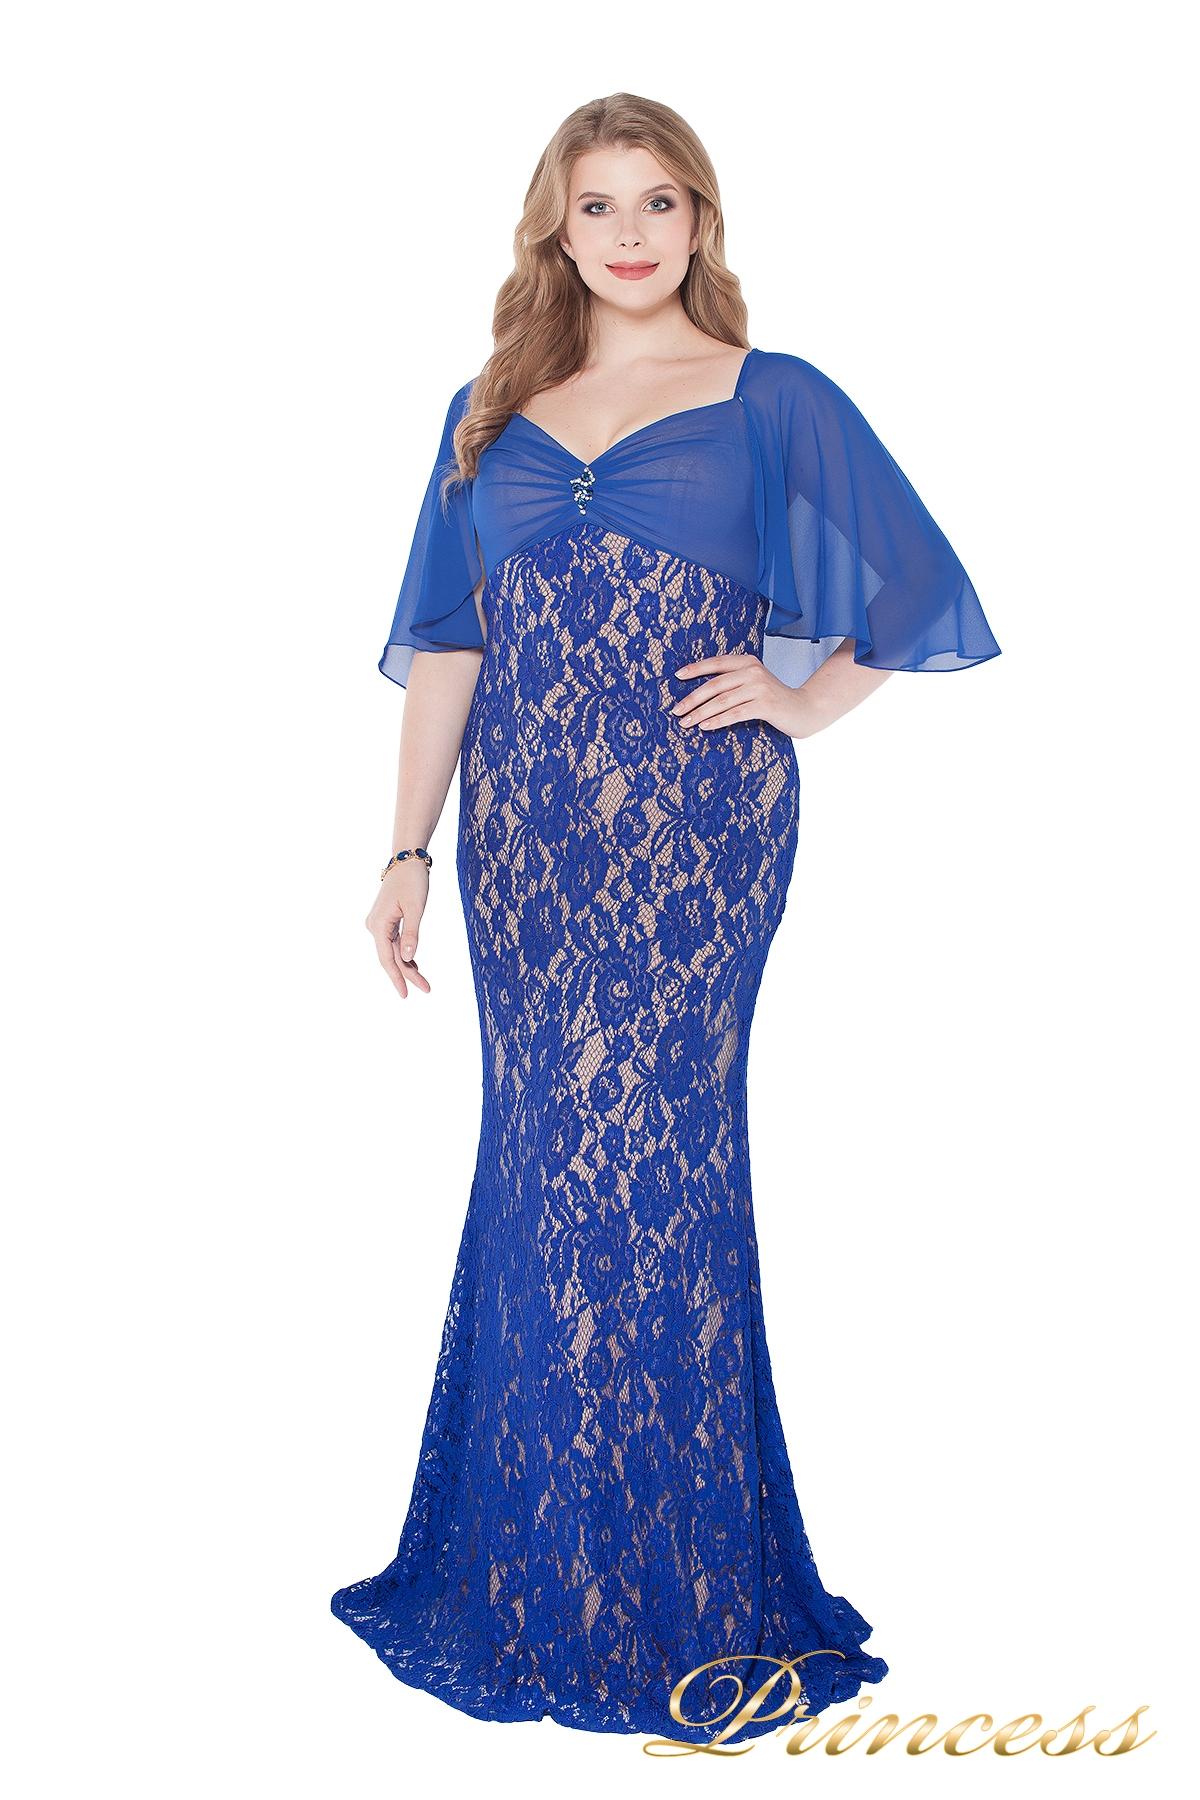 Купить Платье Вечернее Большого Размера В Москве Недорого